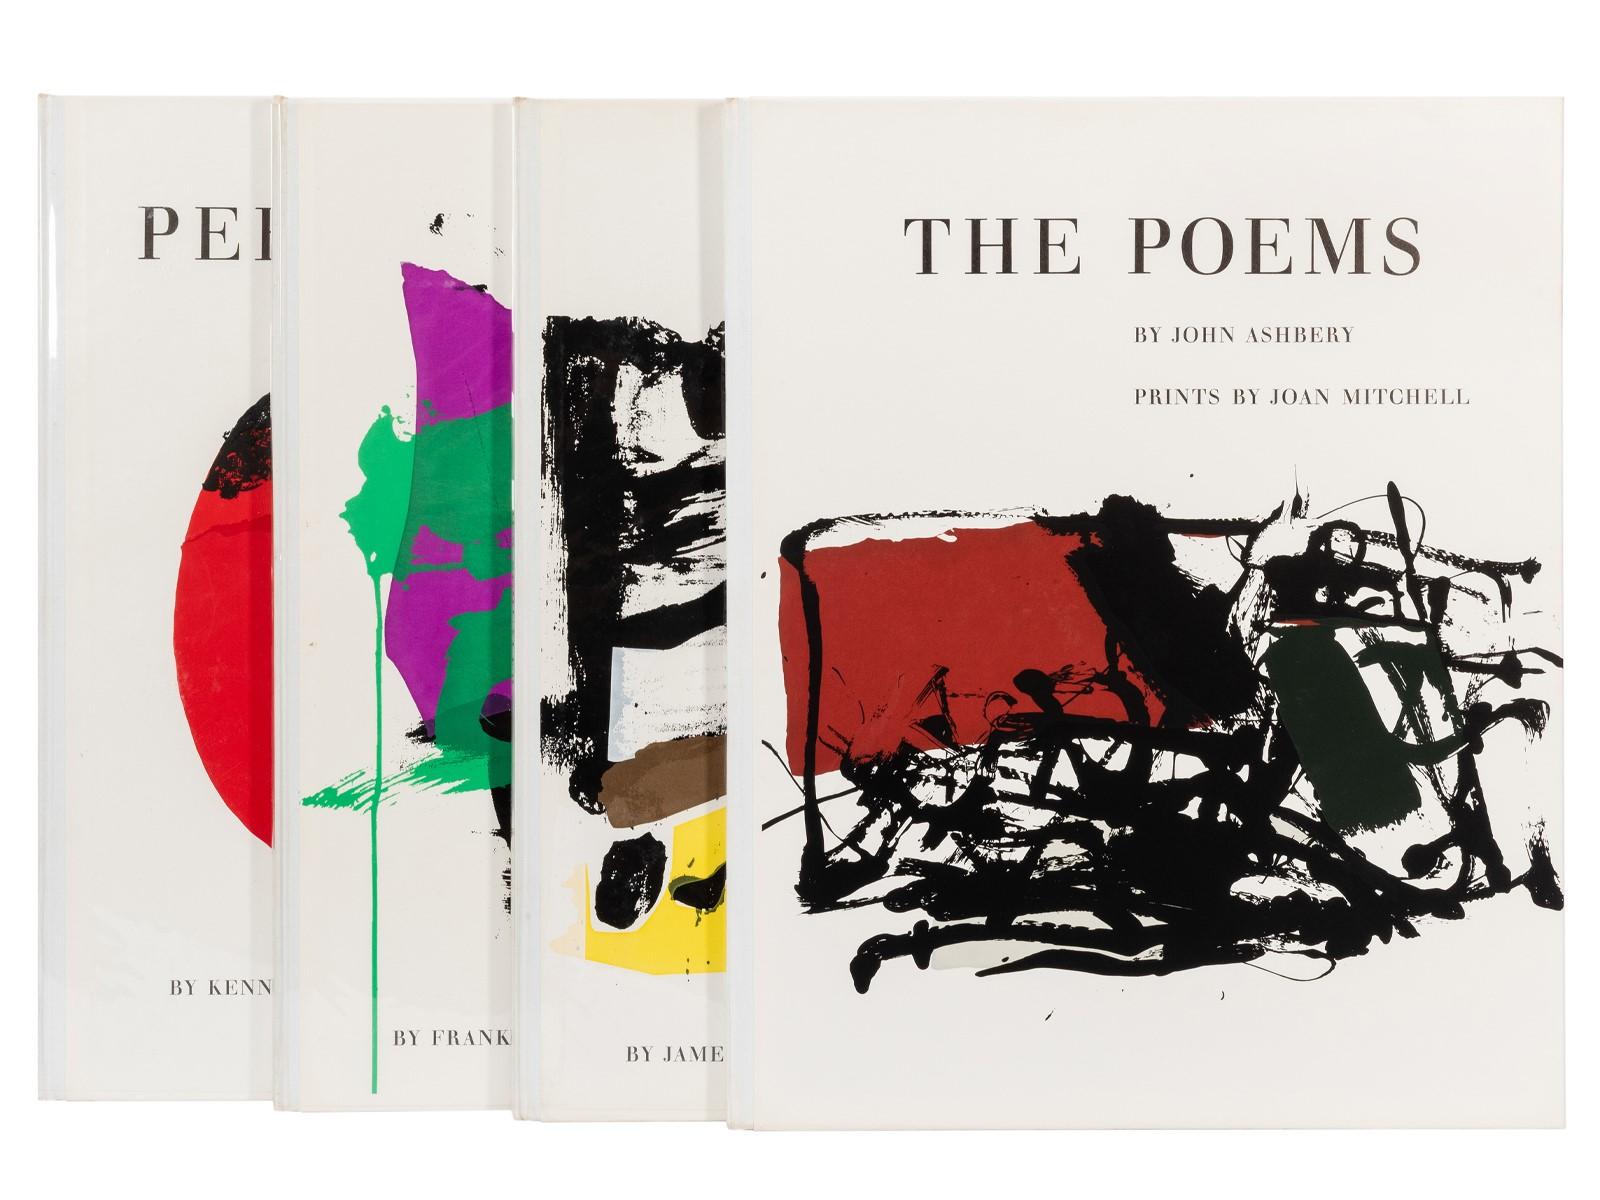 John Ashbery's The Poems